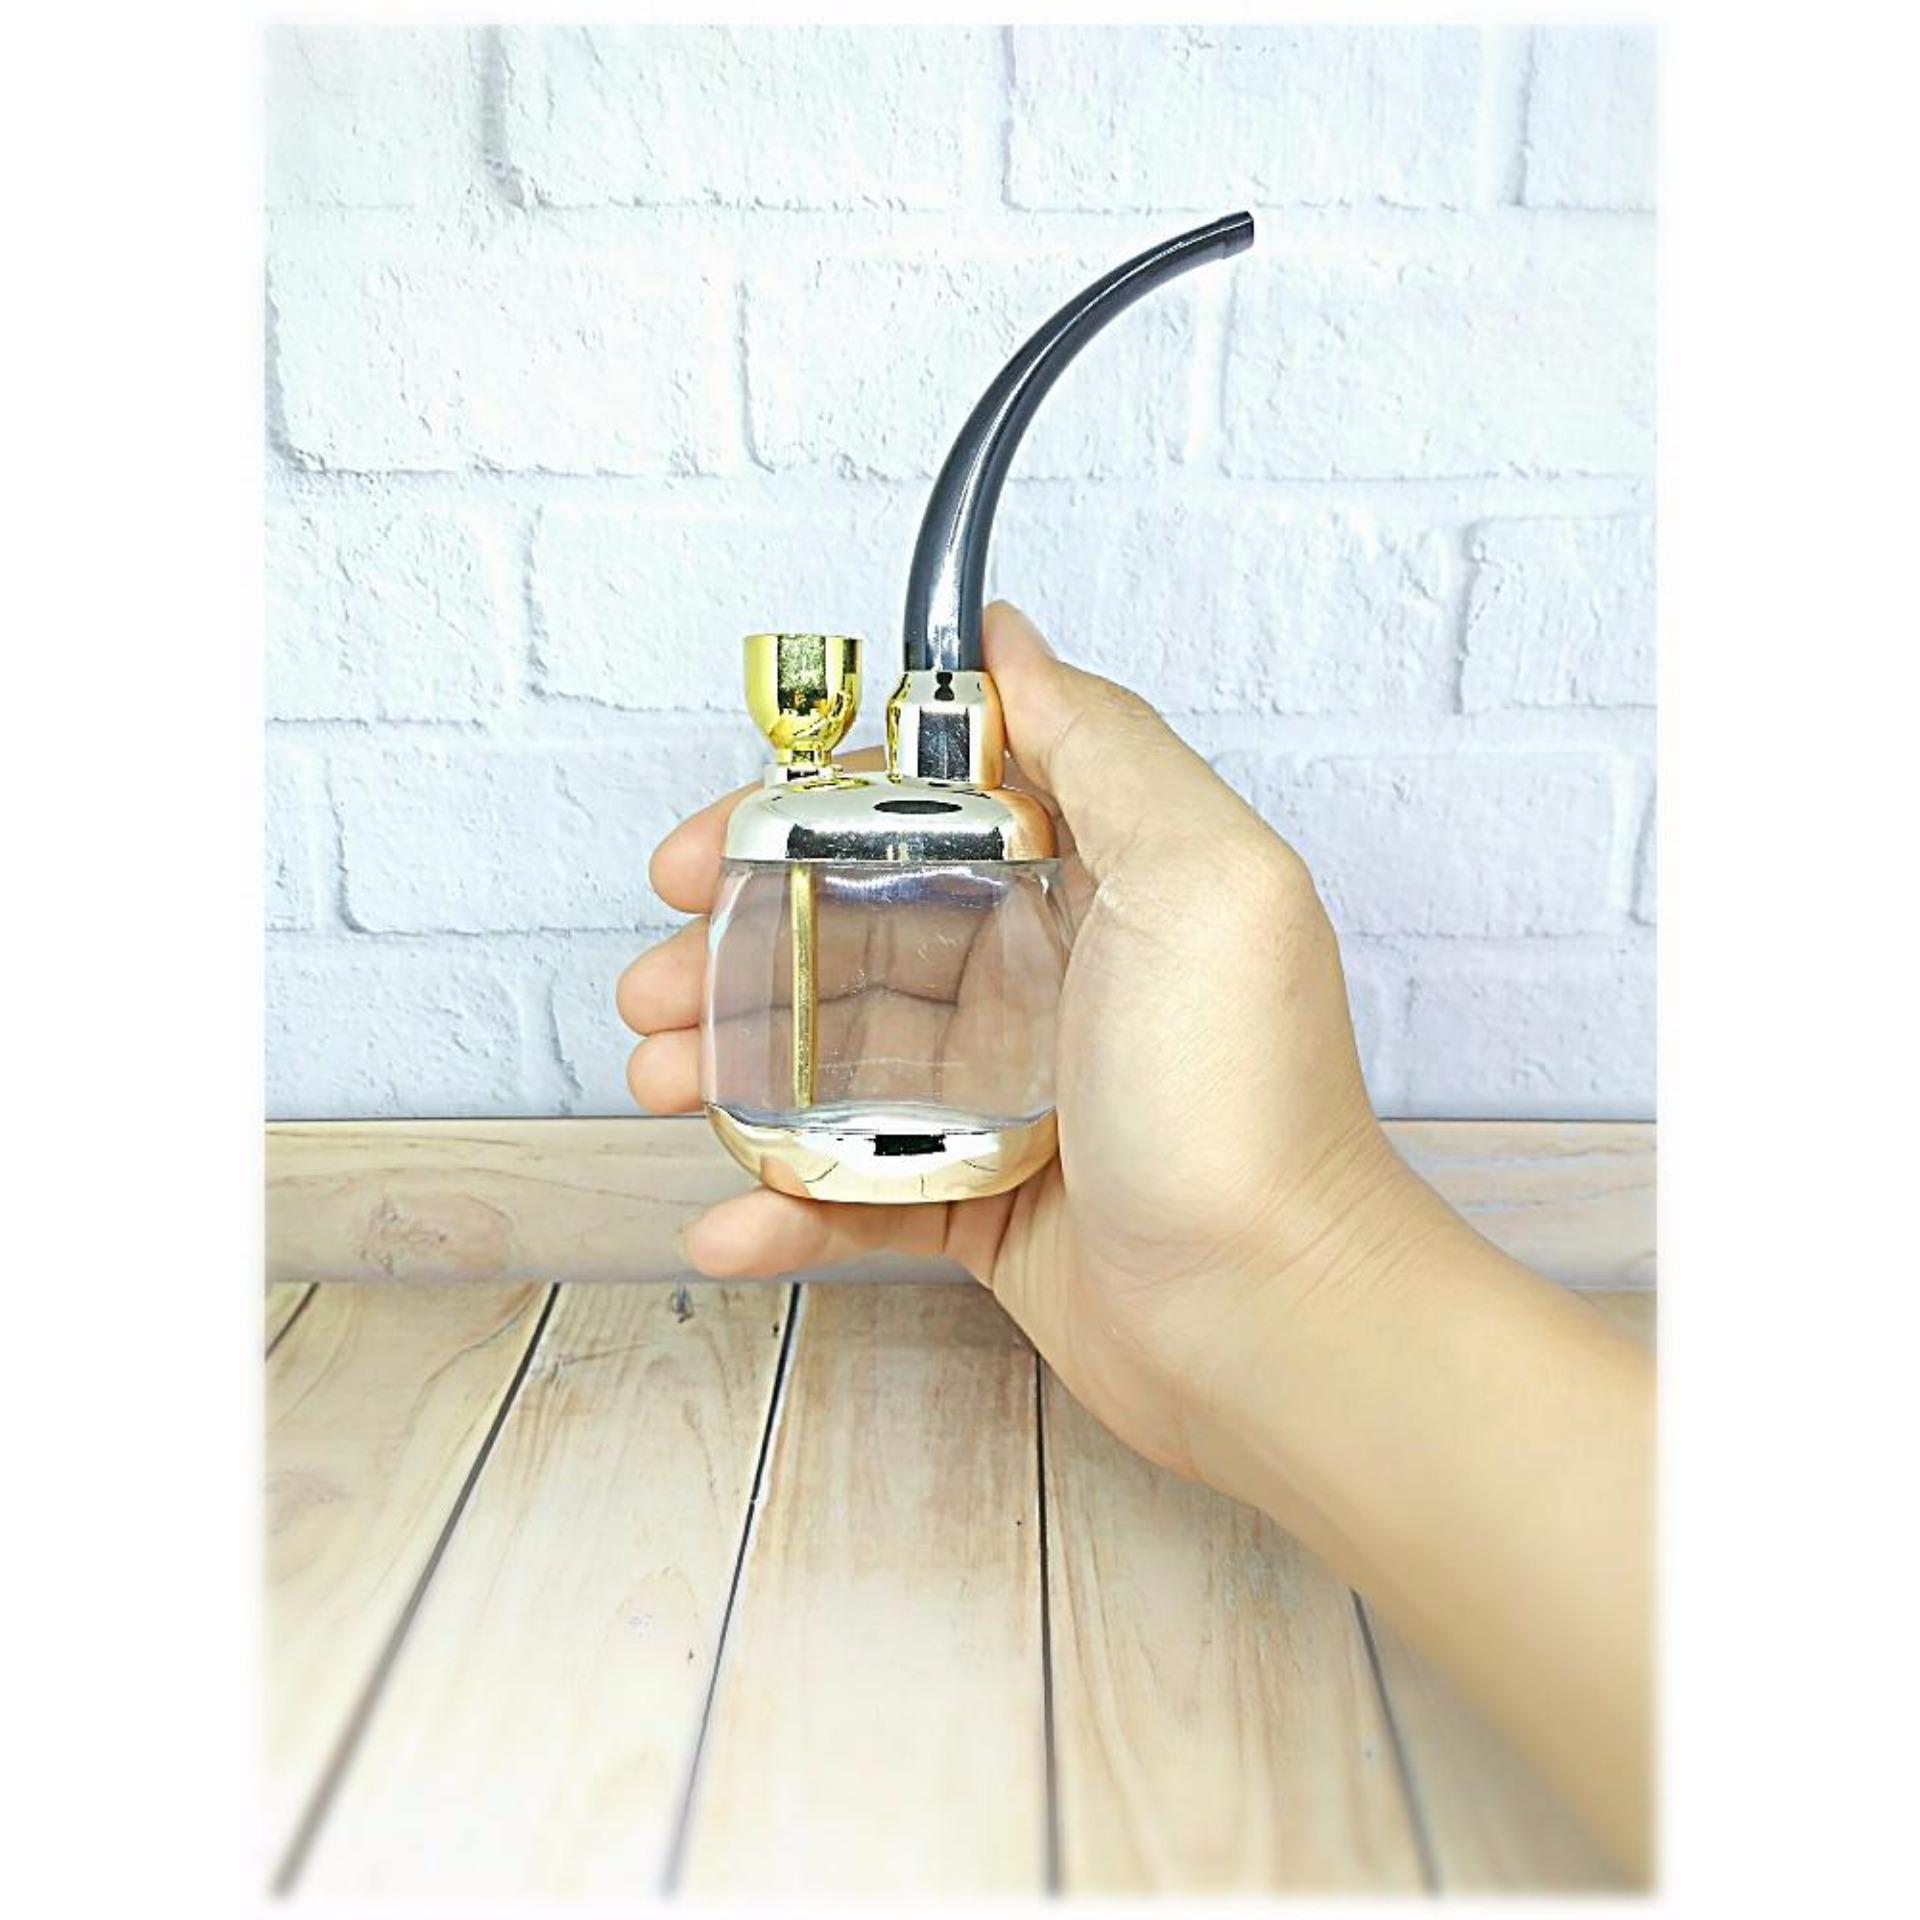 Shisha Bong Water Pipe Rokok Tembakau Pipa Penyaring Racun Nzh 129 Cangklong Filter Smoke Clean Cool